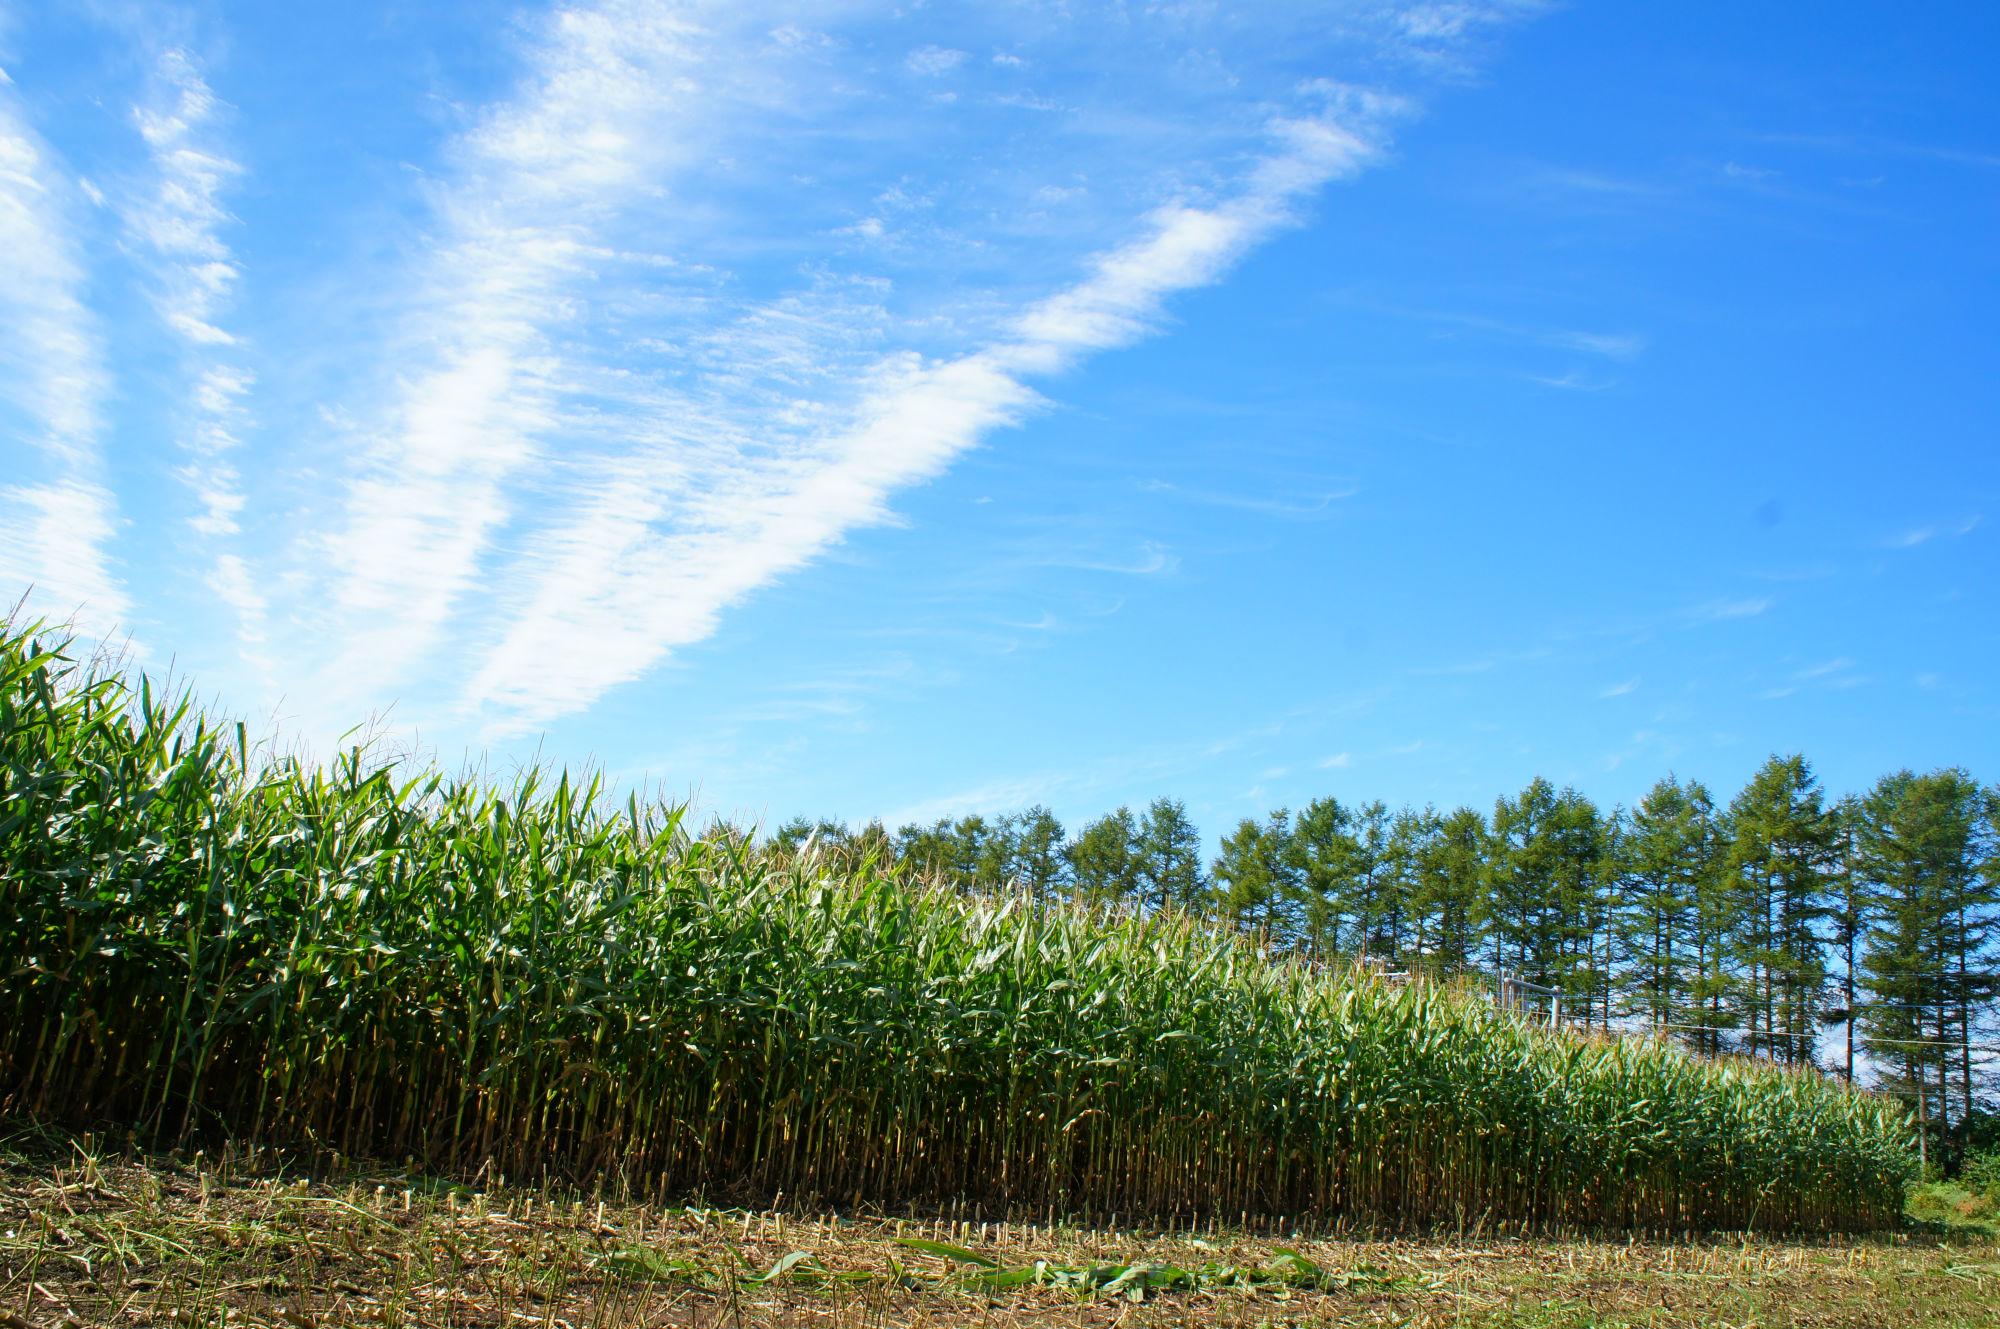 夏のデントコーン畑